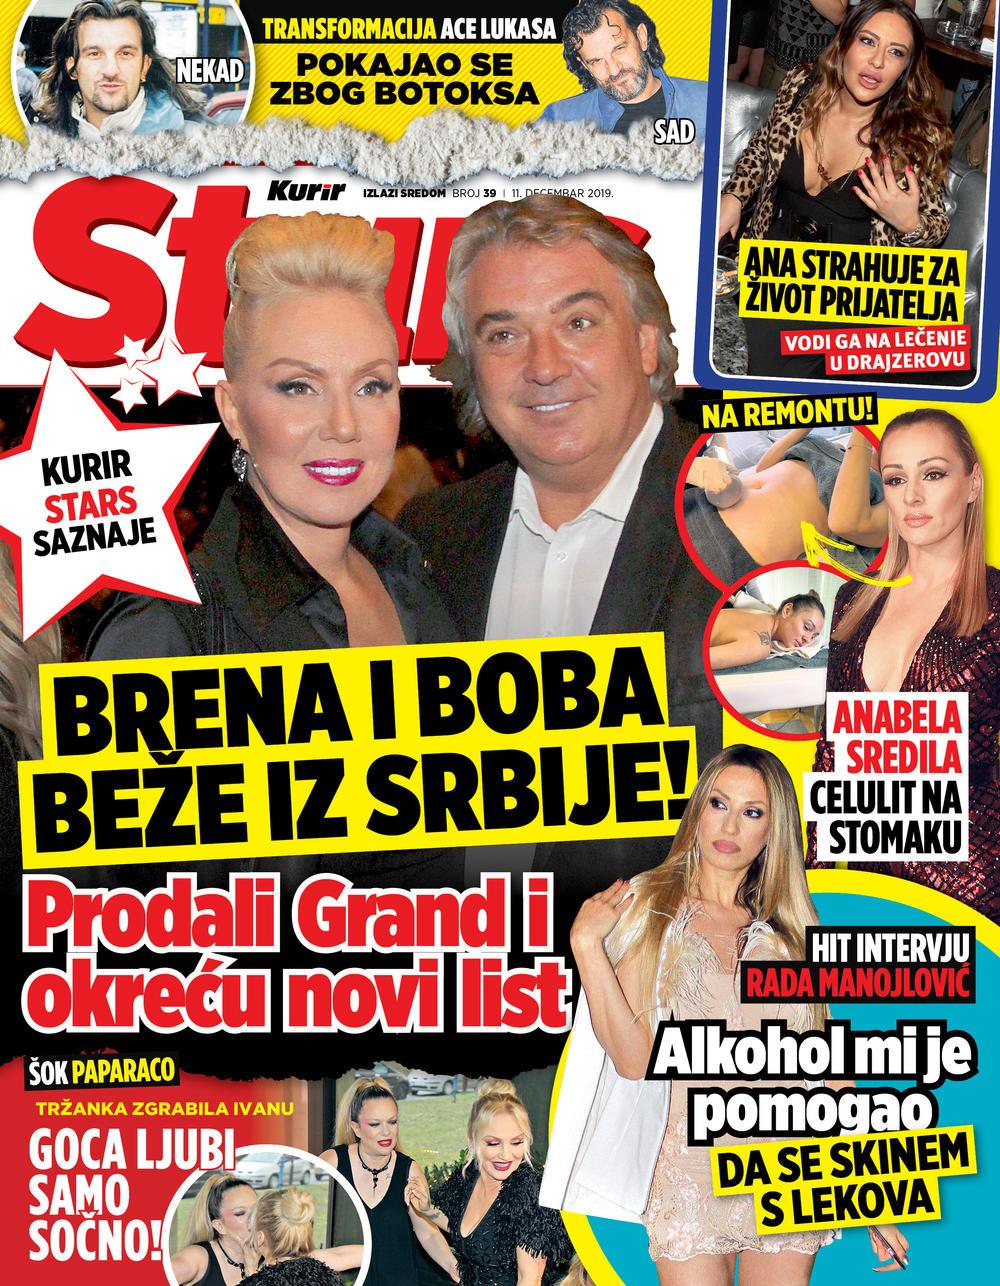 EKSKLUZIVNO! STARS SAZNAJE: Brena i Boba beže iz Srbije! SUTRA POKLON UZ KURIR